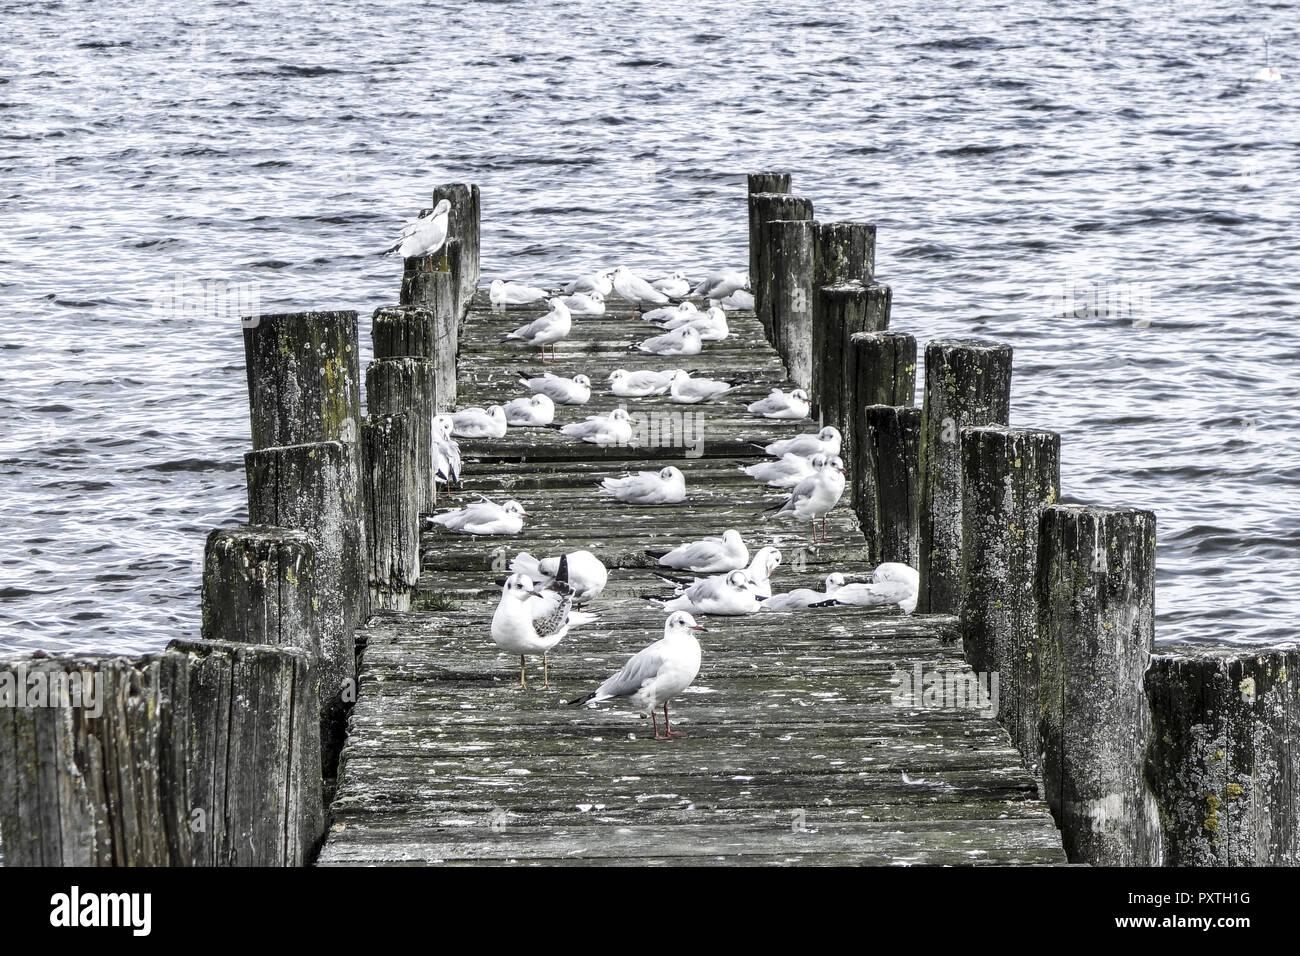 Möven sitzen auf einem Holzsteg im See - Stock Image